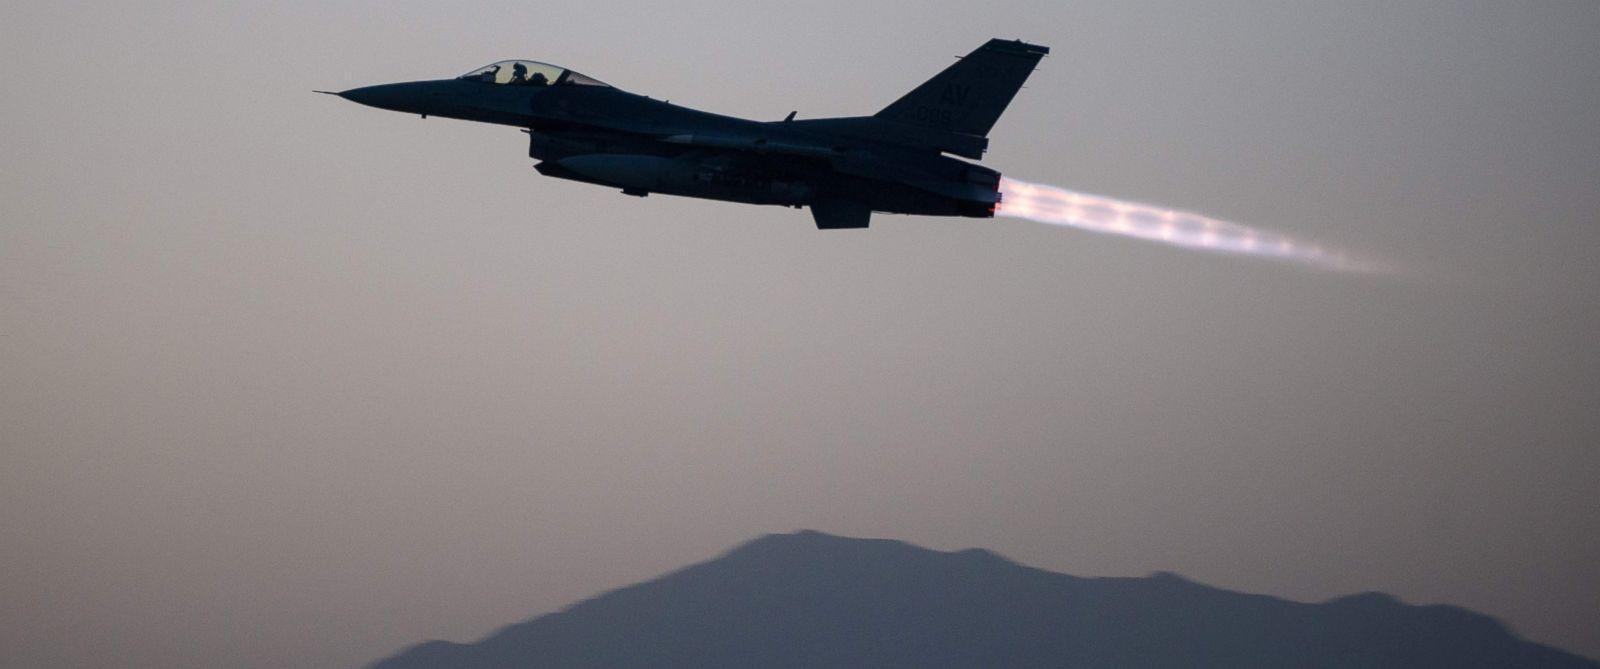 Las fuerzas armadas de los EAU anuncian planes para comprar cinco aviones 2